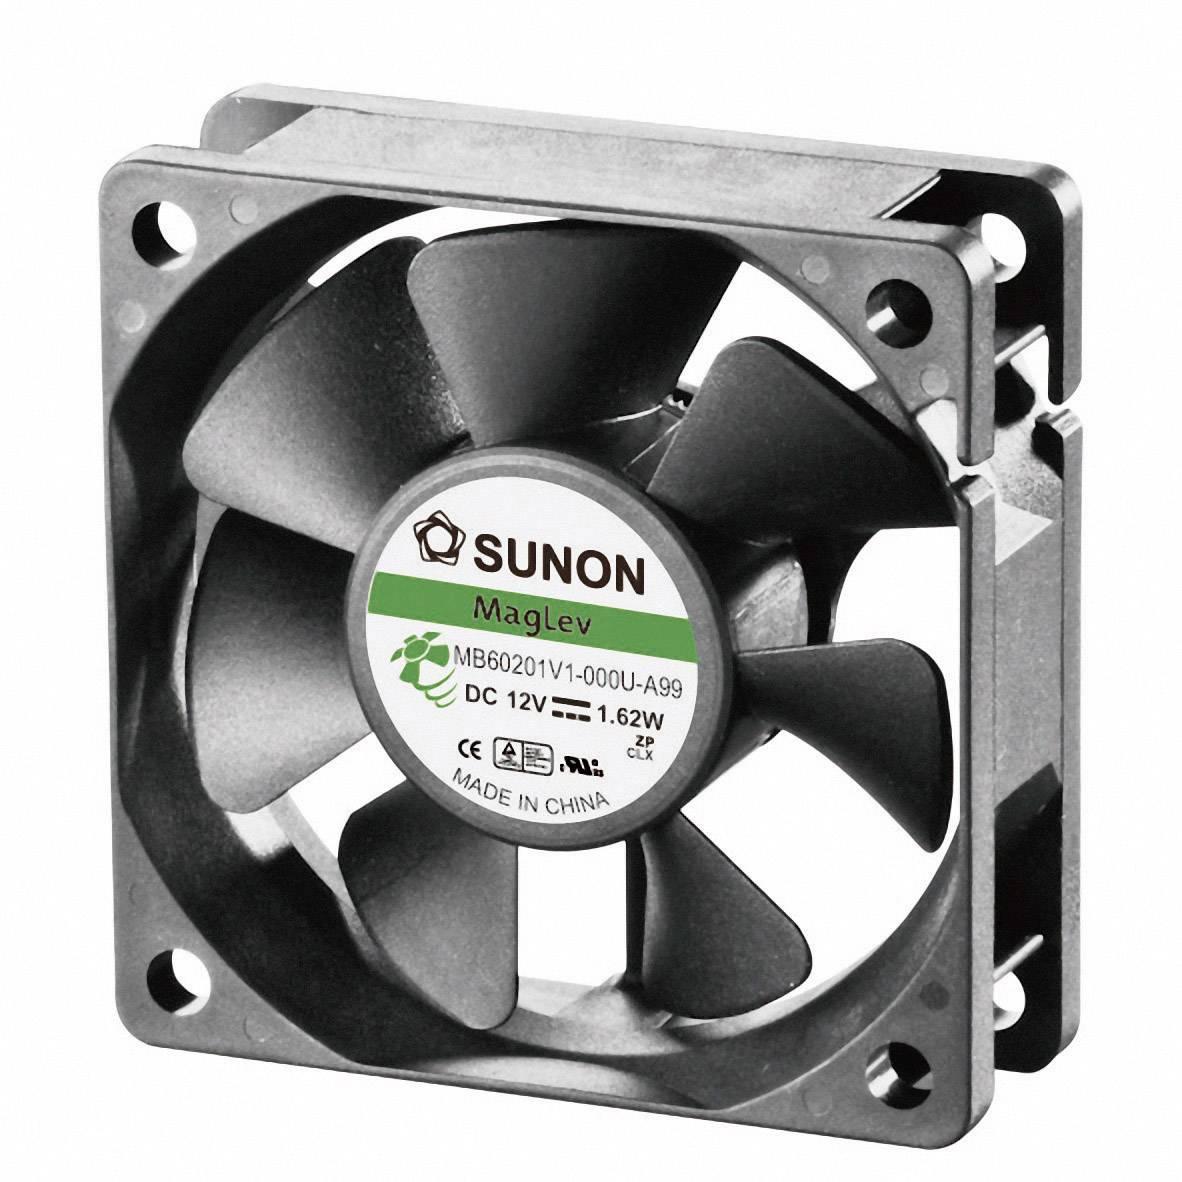 Axiálny ventilátor Sunon MB60201V1-000U-A99 MB60201V1-000U-A99, 12 V/DC, 33.5 dB, (d x š x v) 60 x 60 x 20 mm